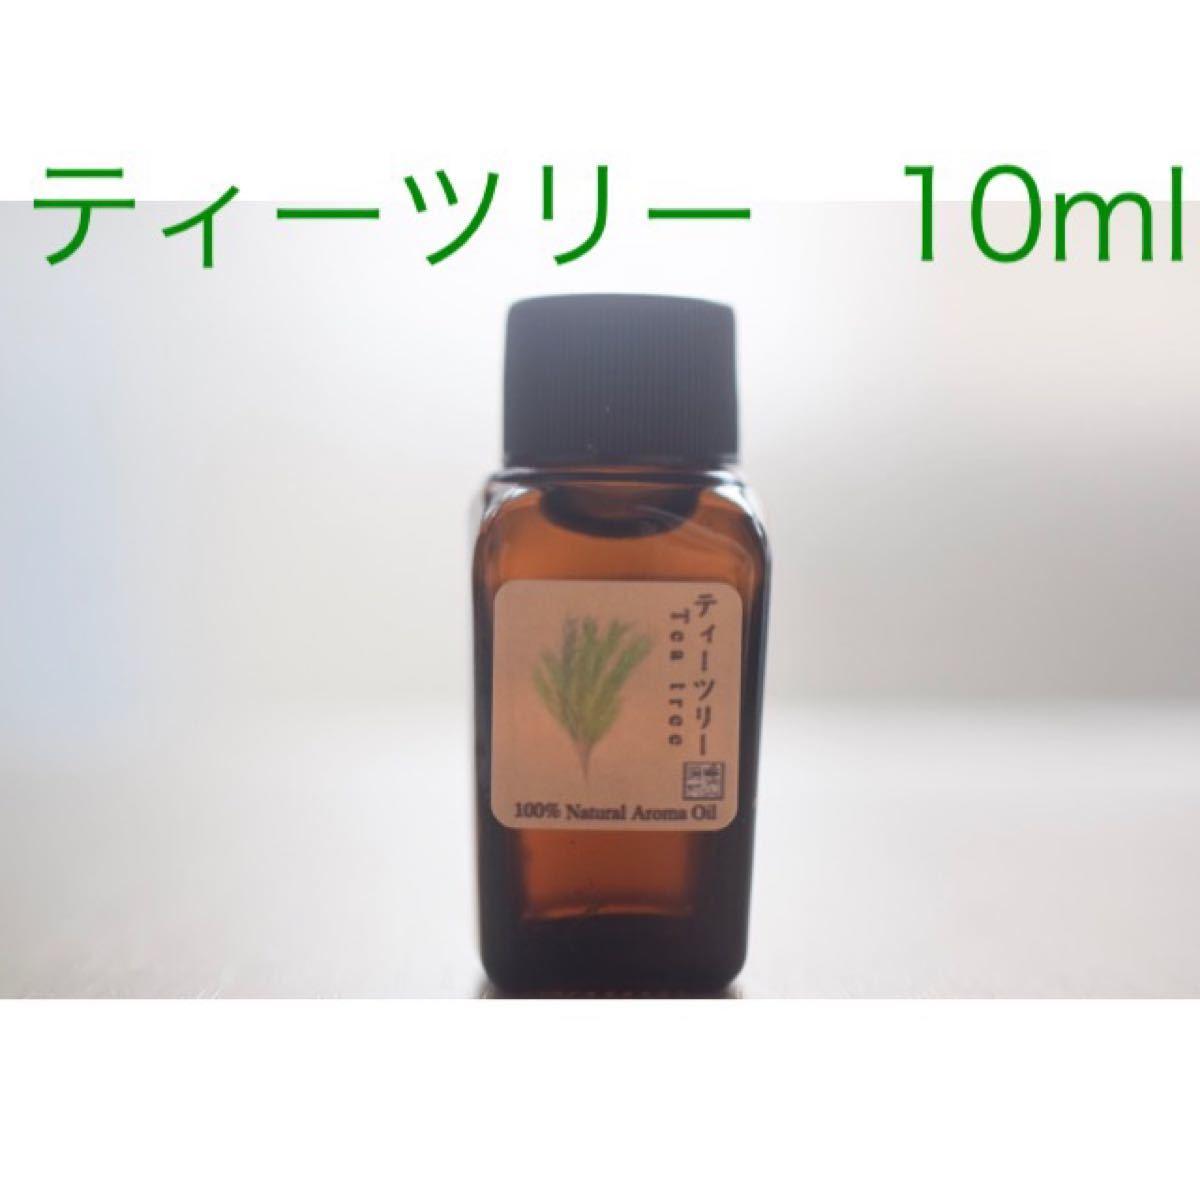 ティーツリー10ml  アロマ用精油 エッセンシャルオイル